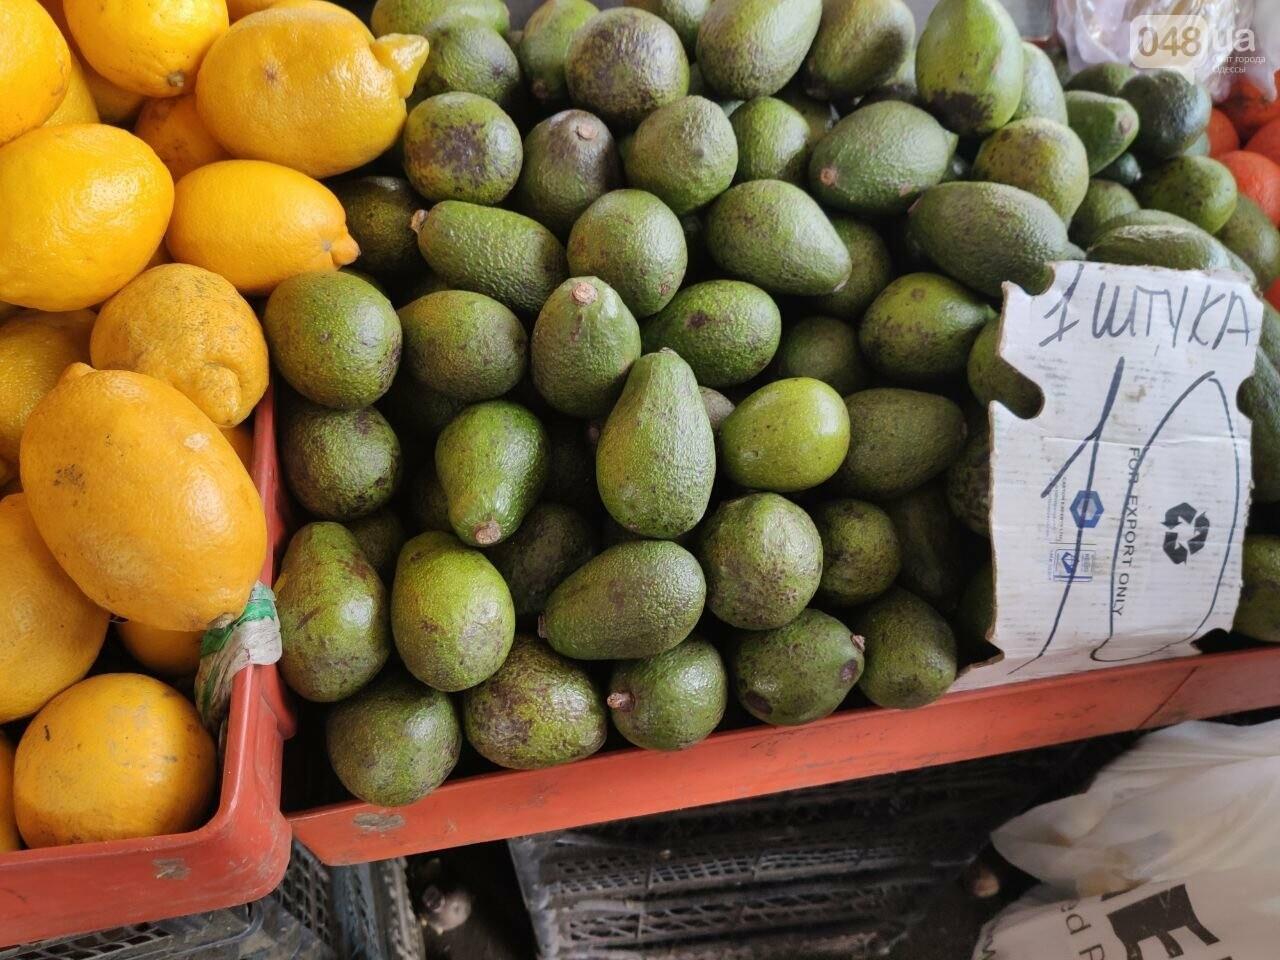 Клубника, ананас, микадо: почем на одесском Привозе перед Пасхой овощи и фрукты, - ФОТО, фото-4